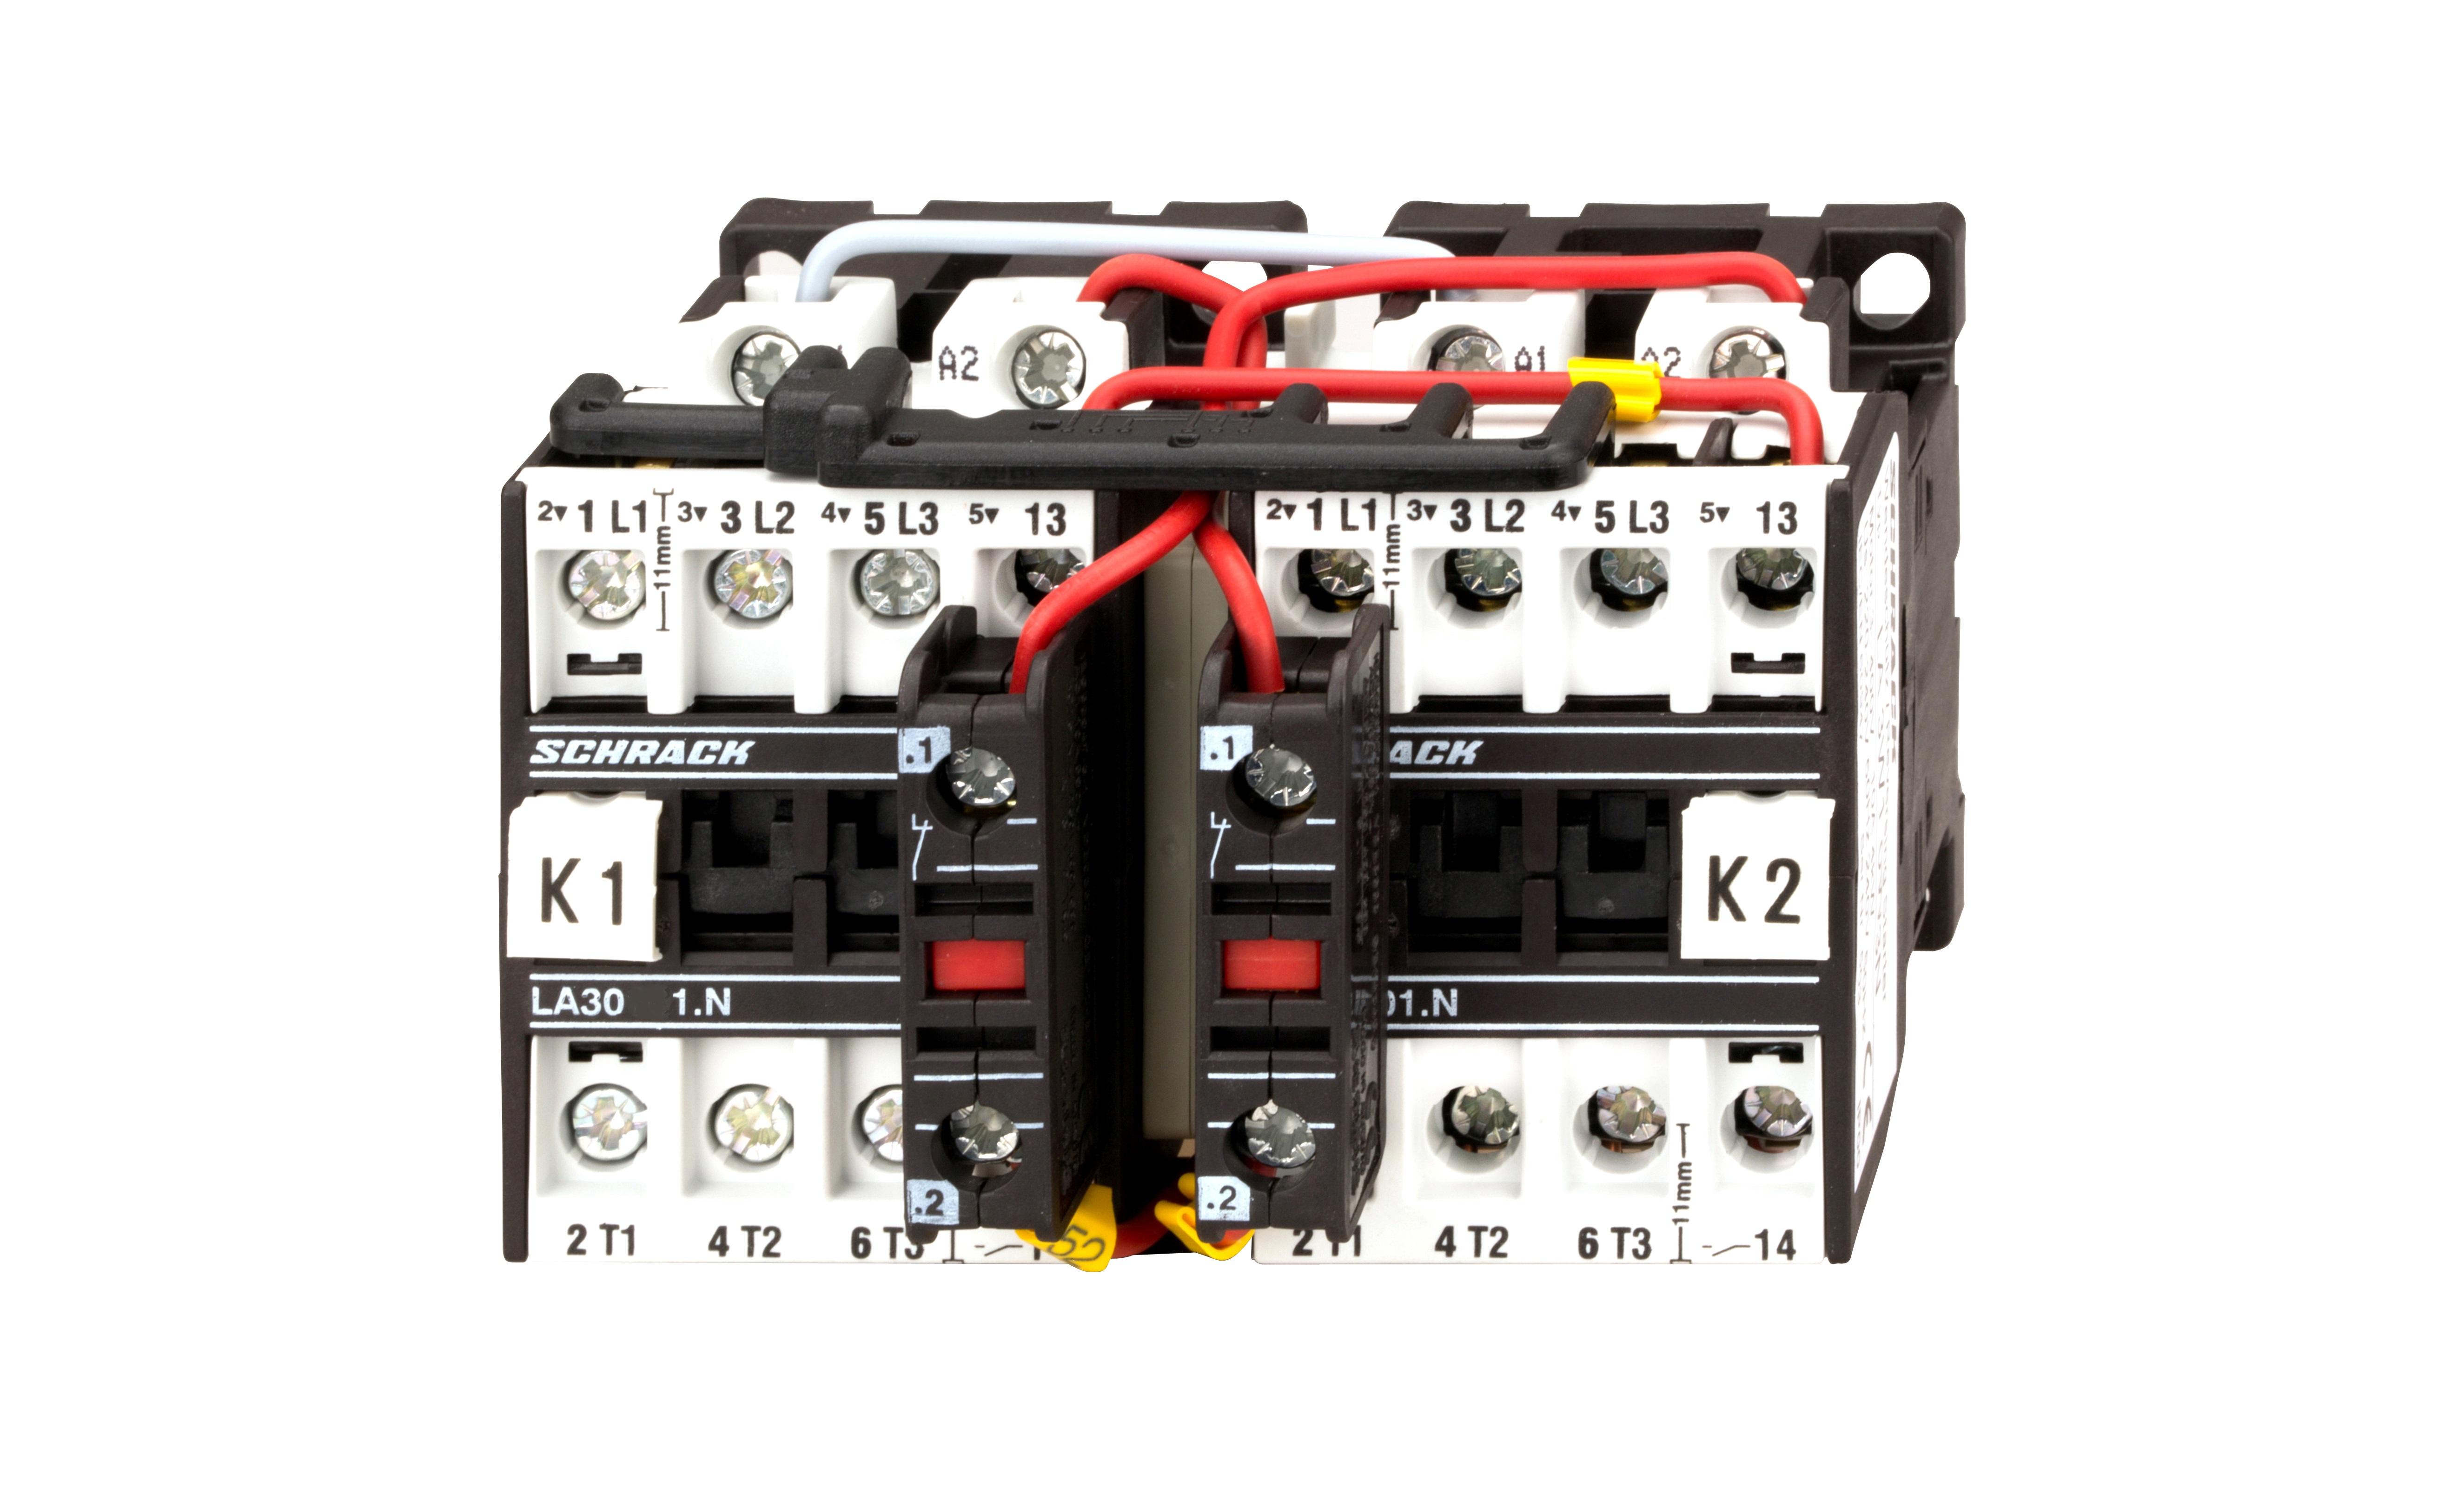 1 Stk Wendeschützkombination 32A, 15kW, 230VAC LA3W32W3--